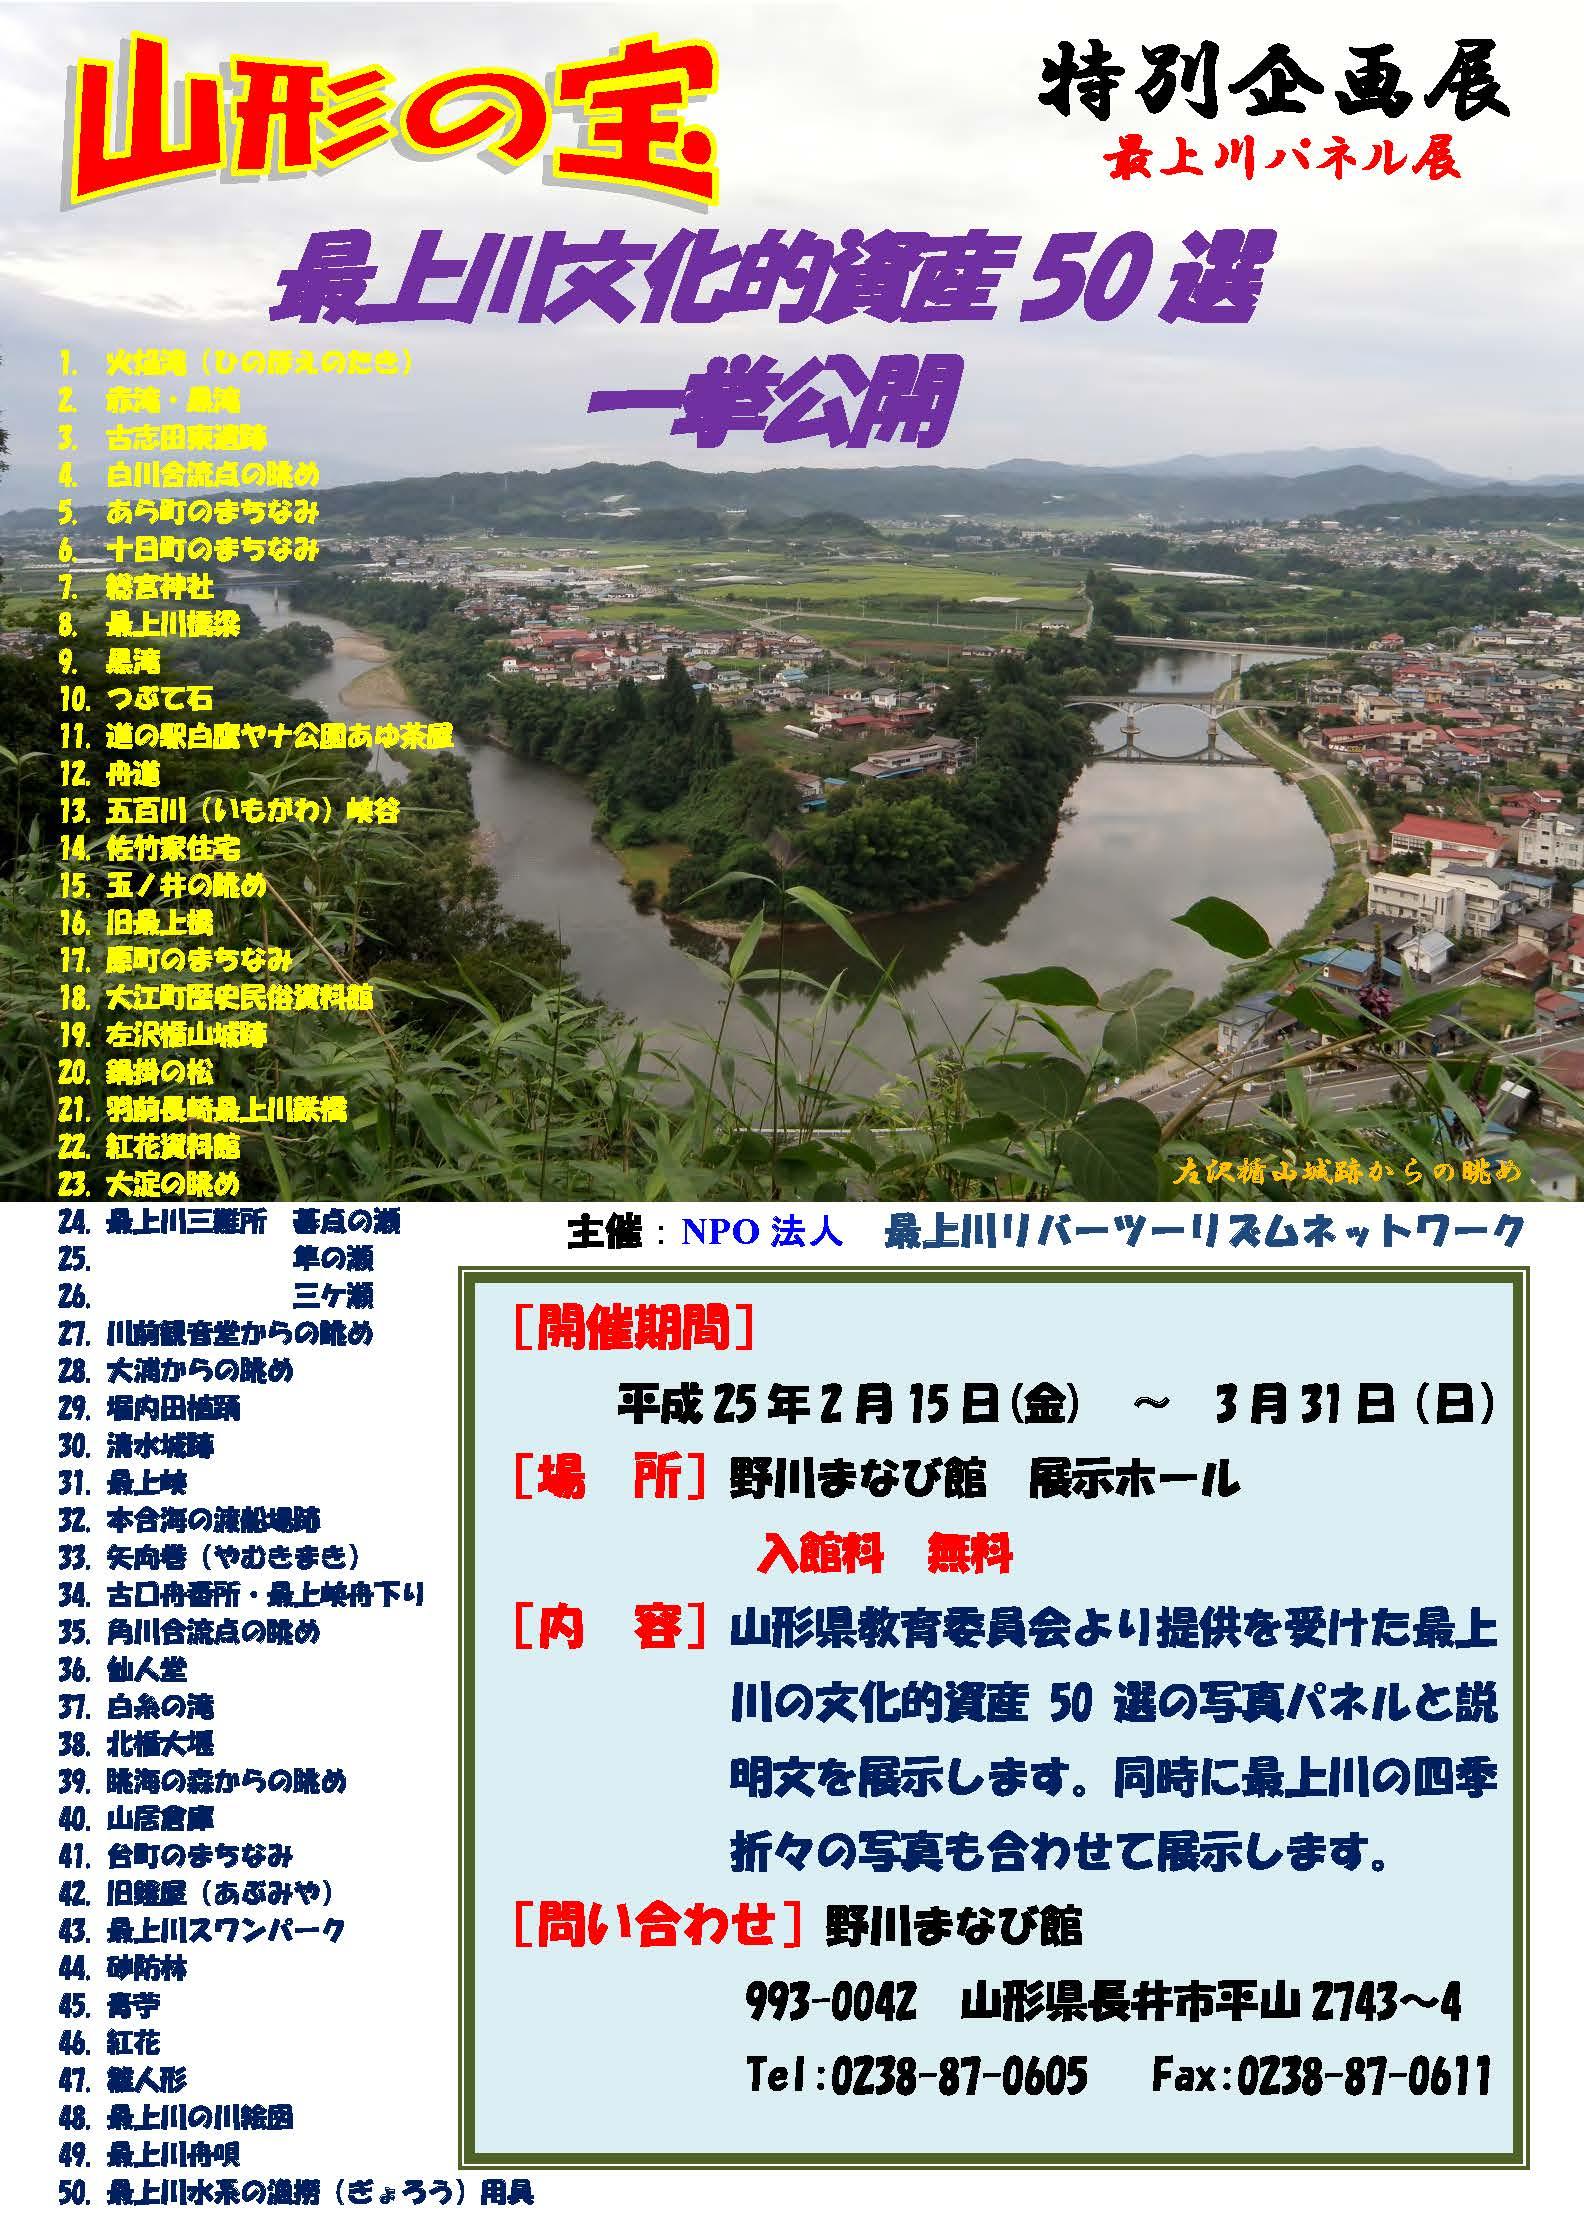 最上川の文化的資産50選のパネル展を開催しています:画像